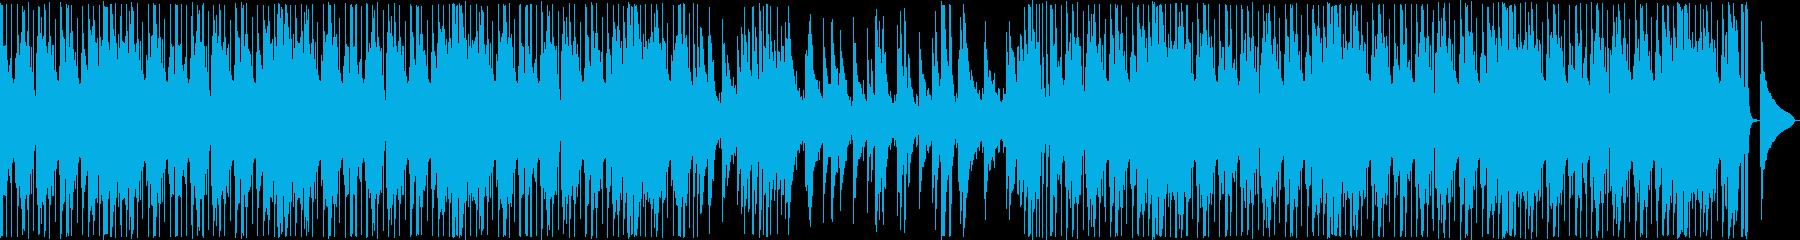 ピアノ旋律、ジャズ風、サンバ風の再生済みの波形